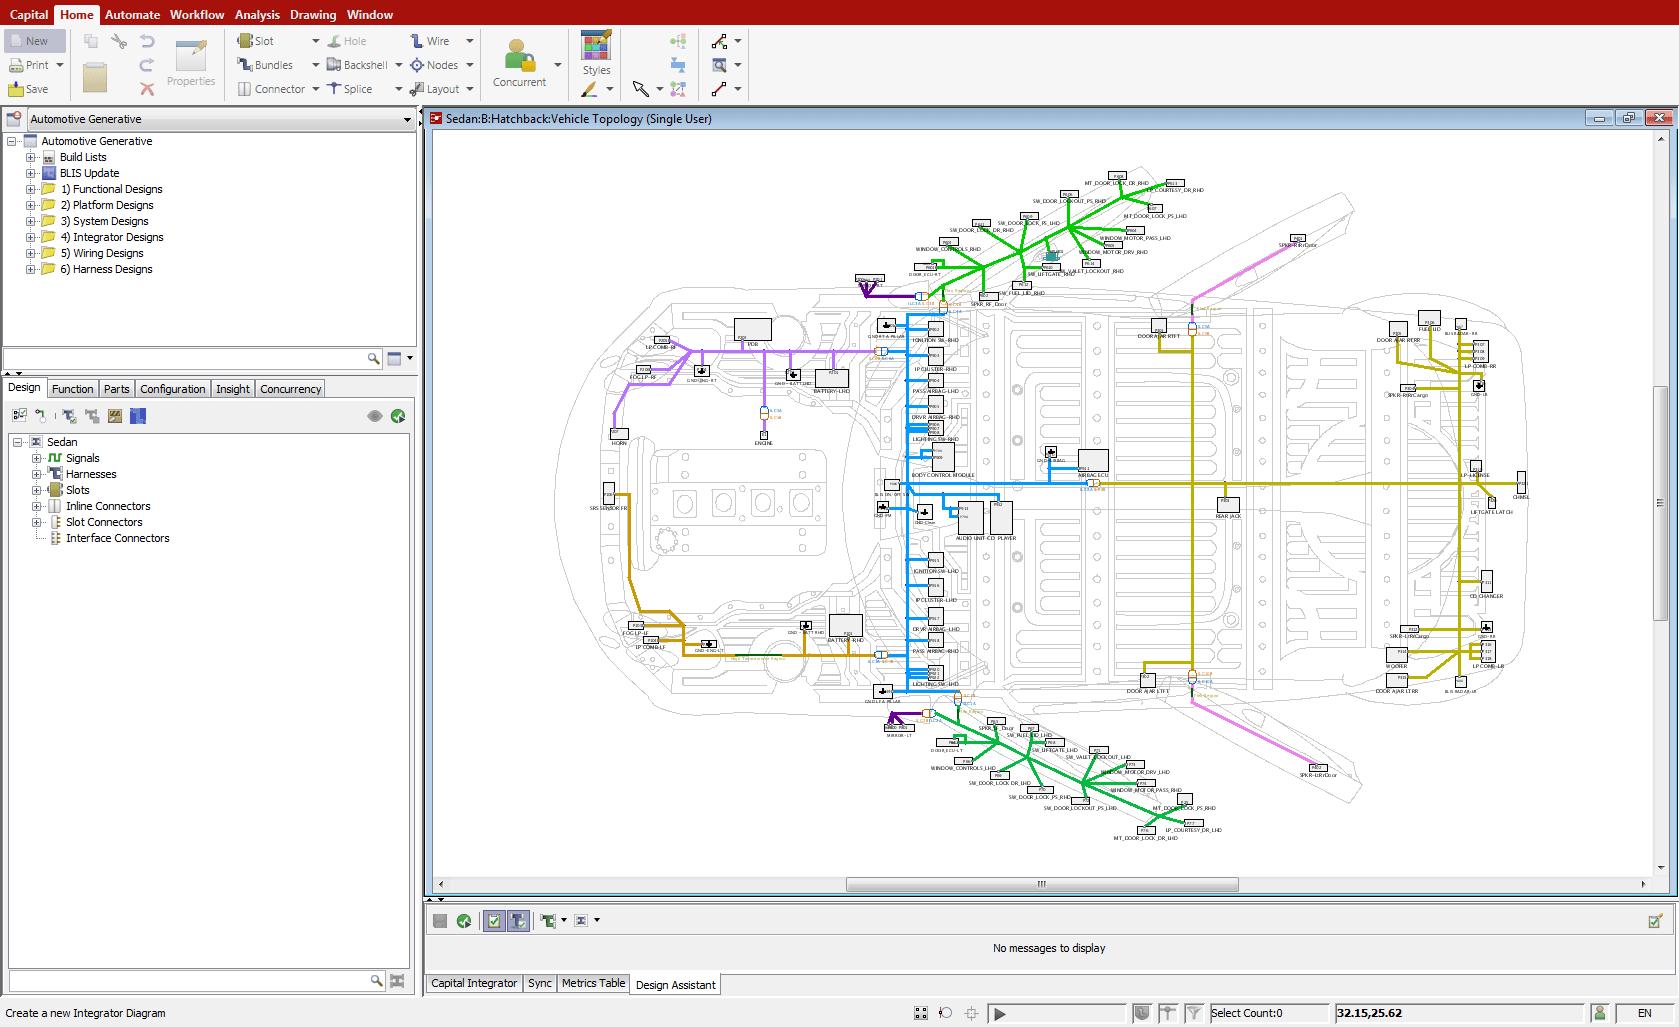 medium resolution of capital integrator